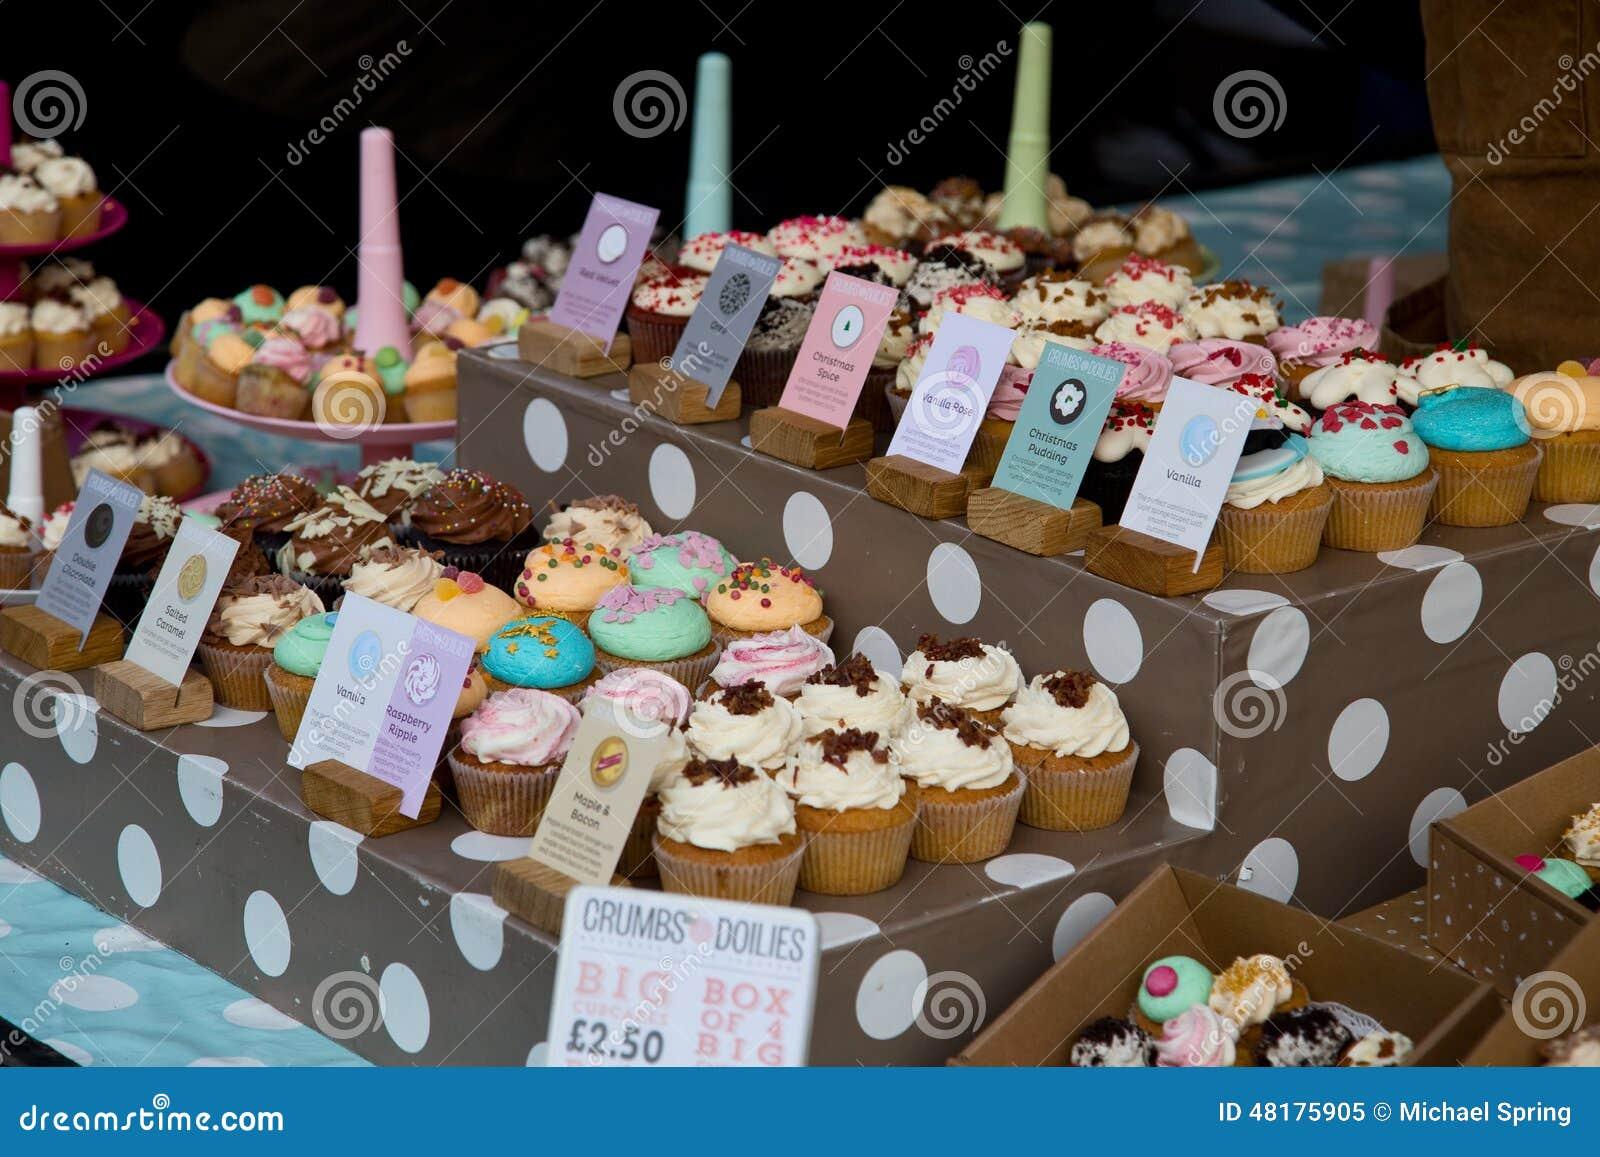 Cheap Cake Shops London